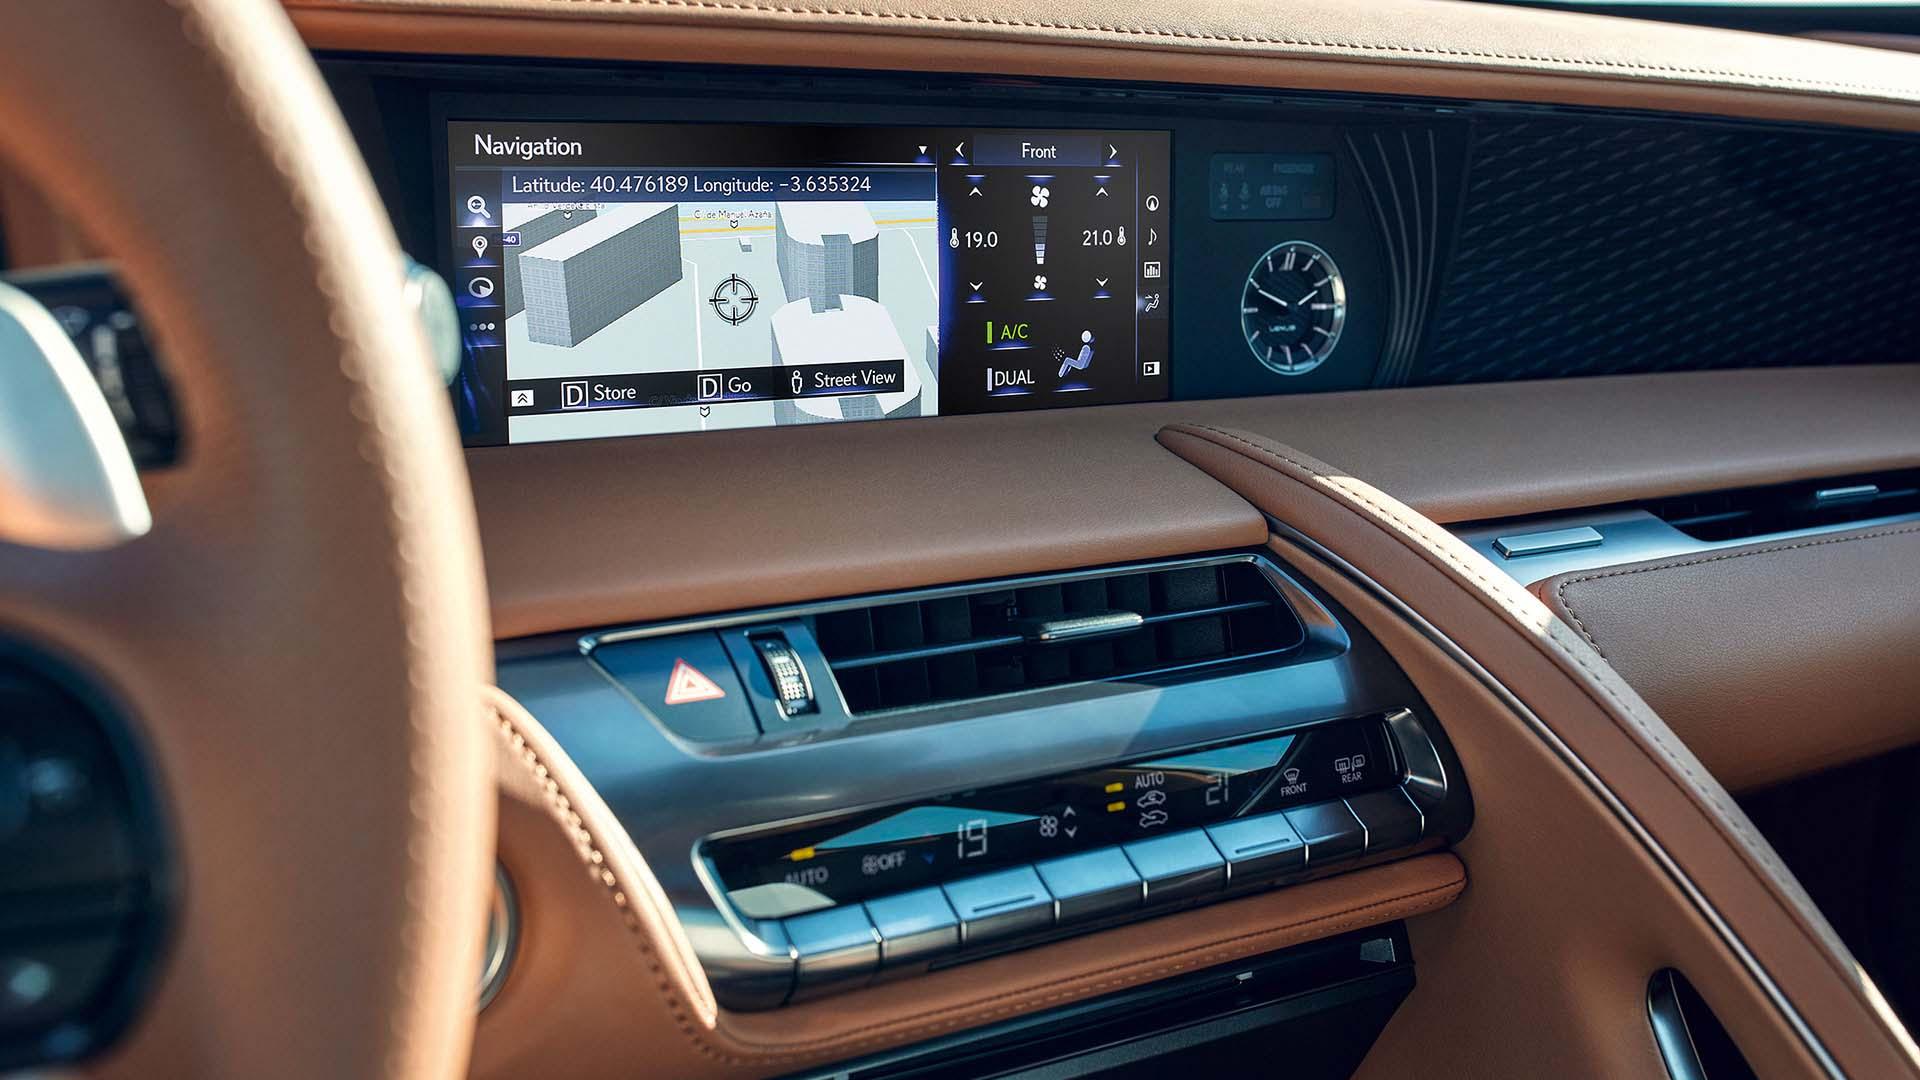 2017 lexus lc 500h features navigation